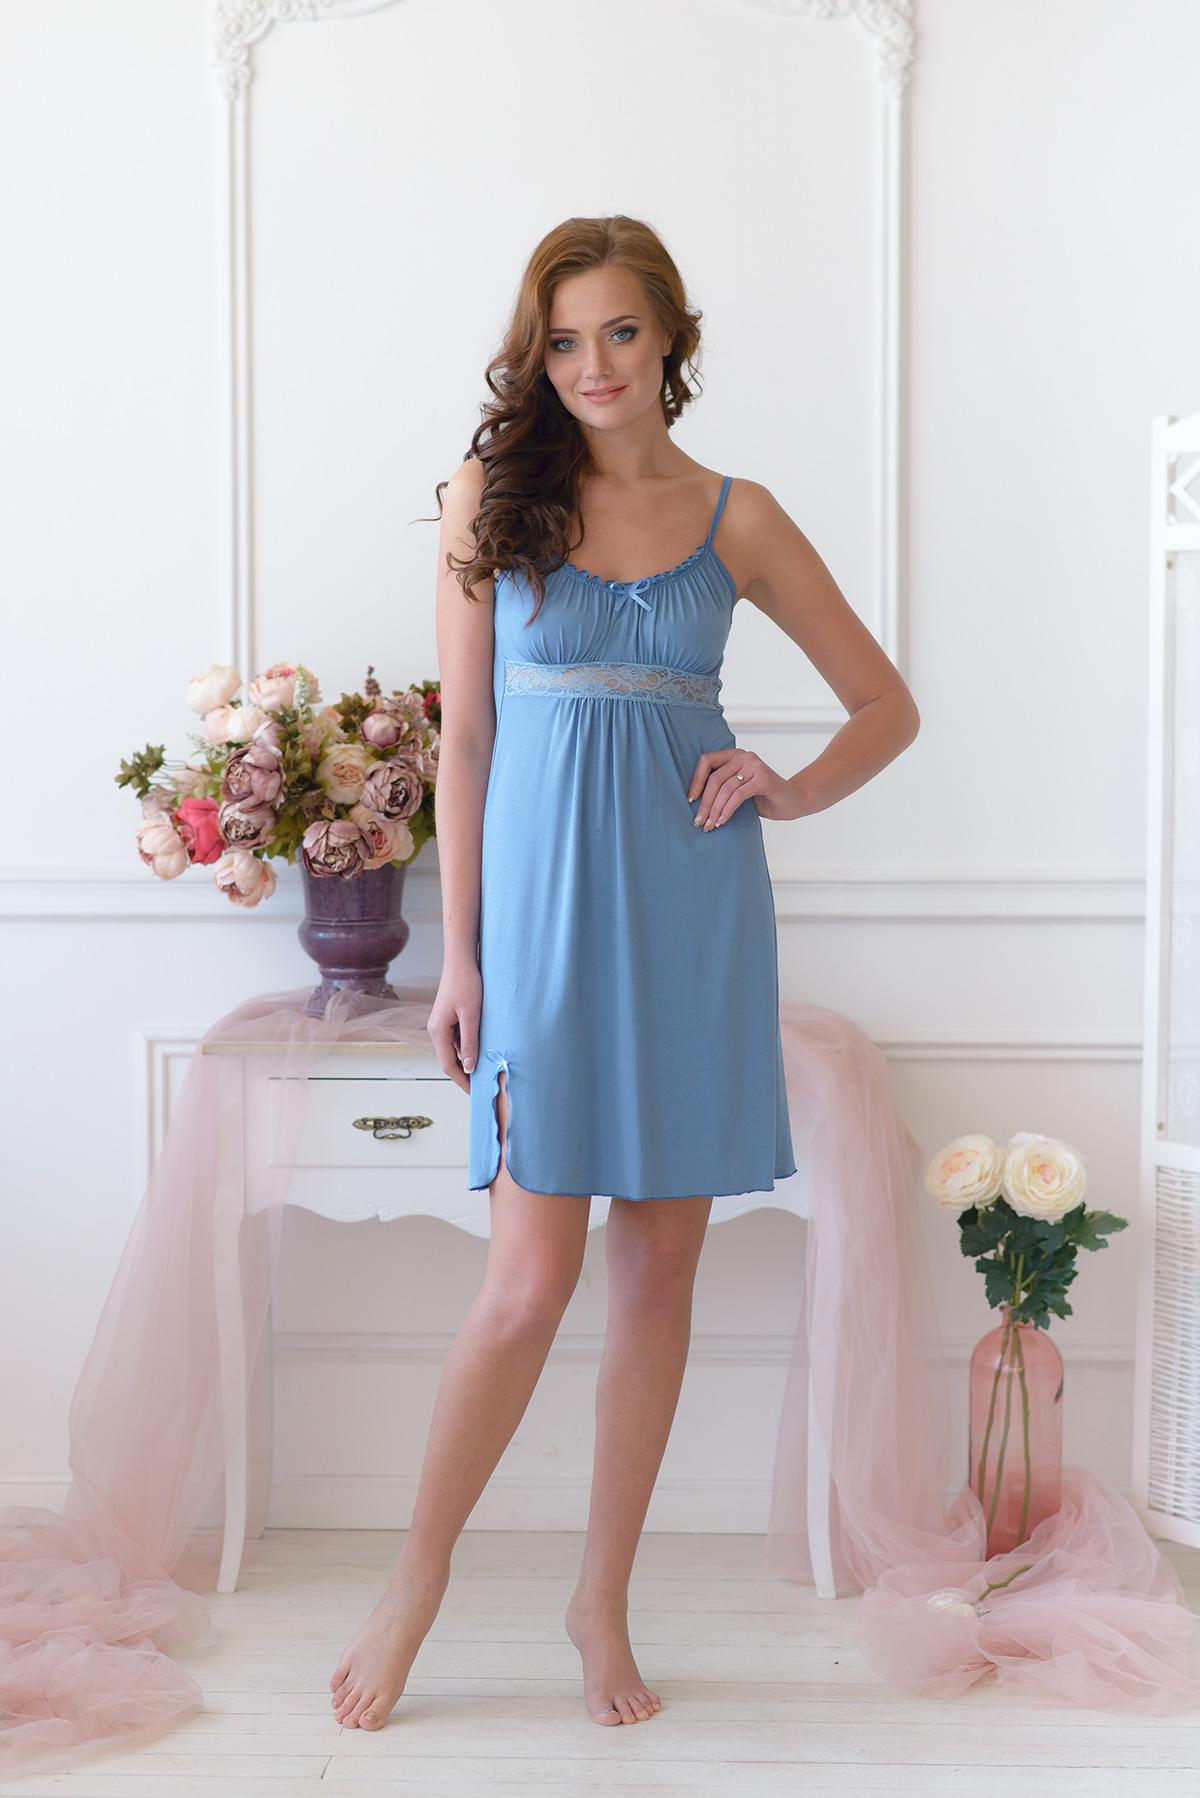 Жен. сорочка арт. 19-0017 Серо-голубой р. 48Ночные сорочки<br>Факт. ОГ: 68 см <br>Факт. ОТ: 100 см <br>Факт. ОБ: 108 см <br>Длина по спинке: 63 см<br><br>Тип: Жен. сорочка<br>Размер: 48<br>Материал: Вискоза